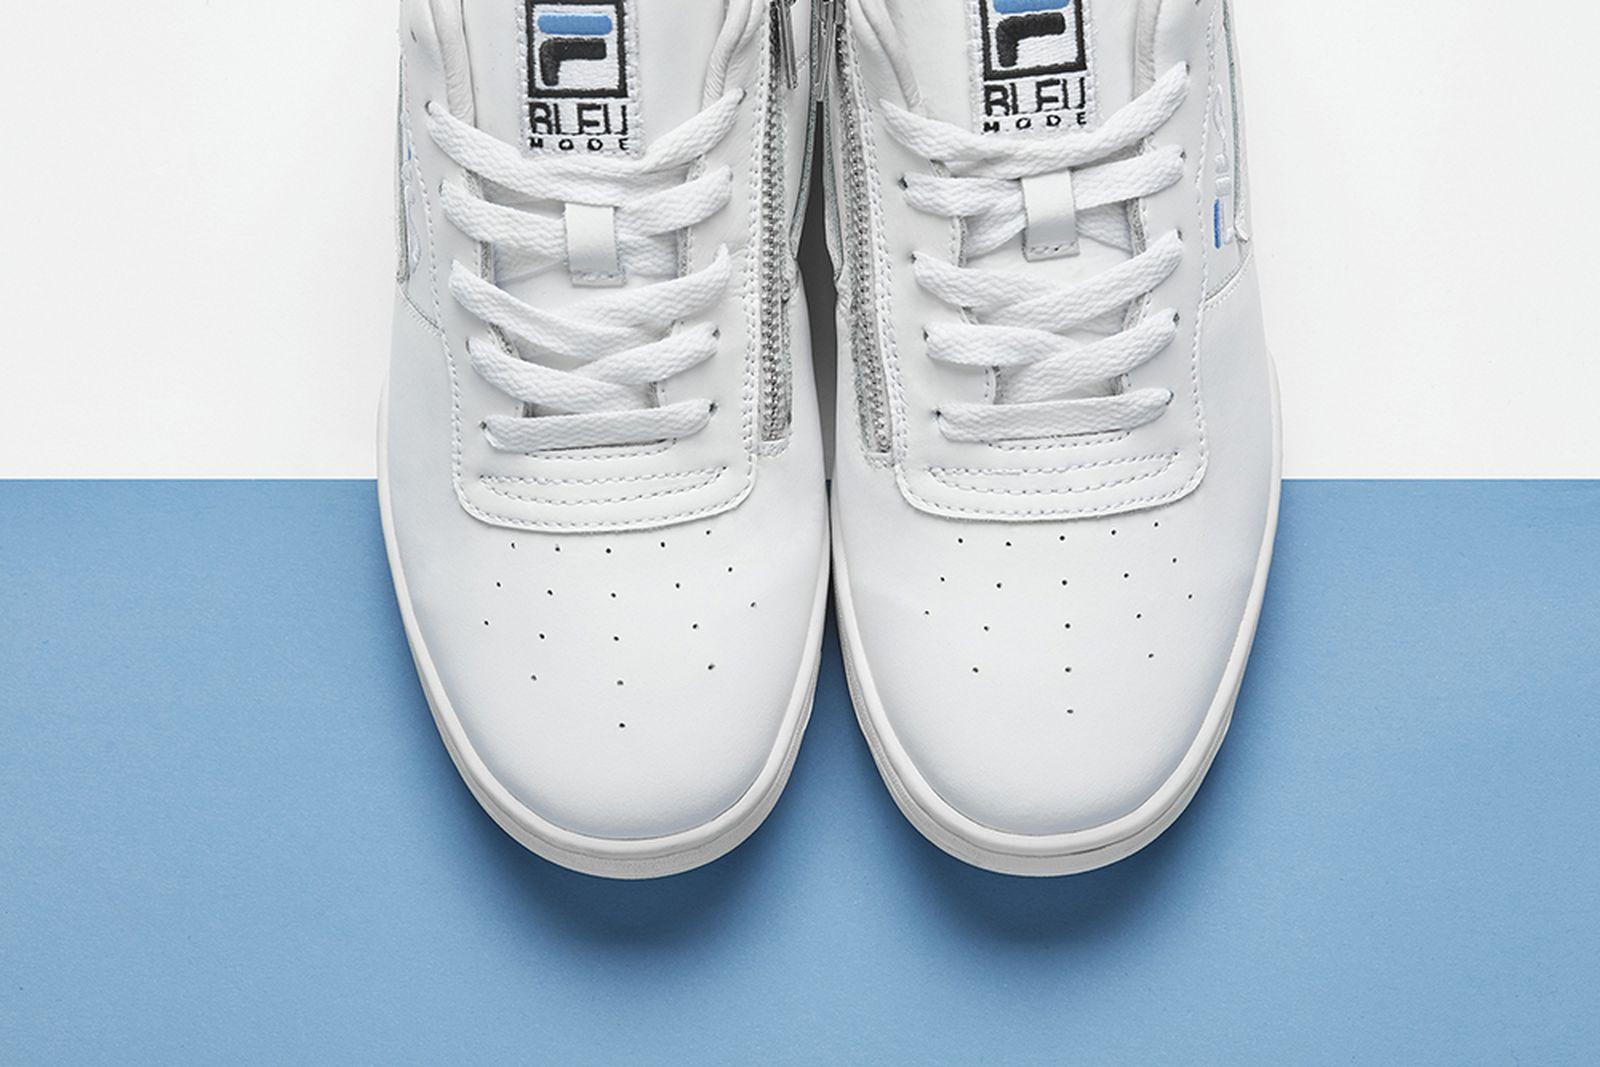 bleu-mode-fila-original-fitness-zipper-release-date-price-08